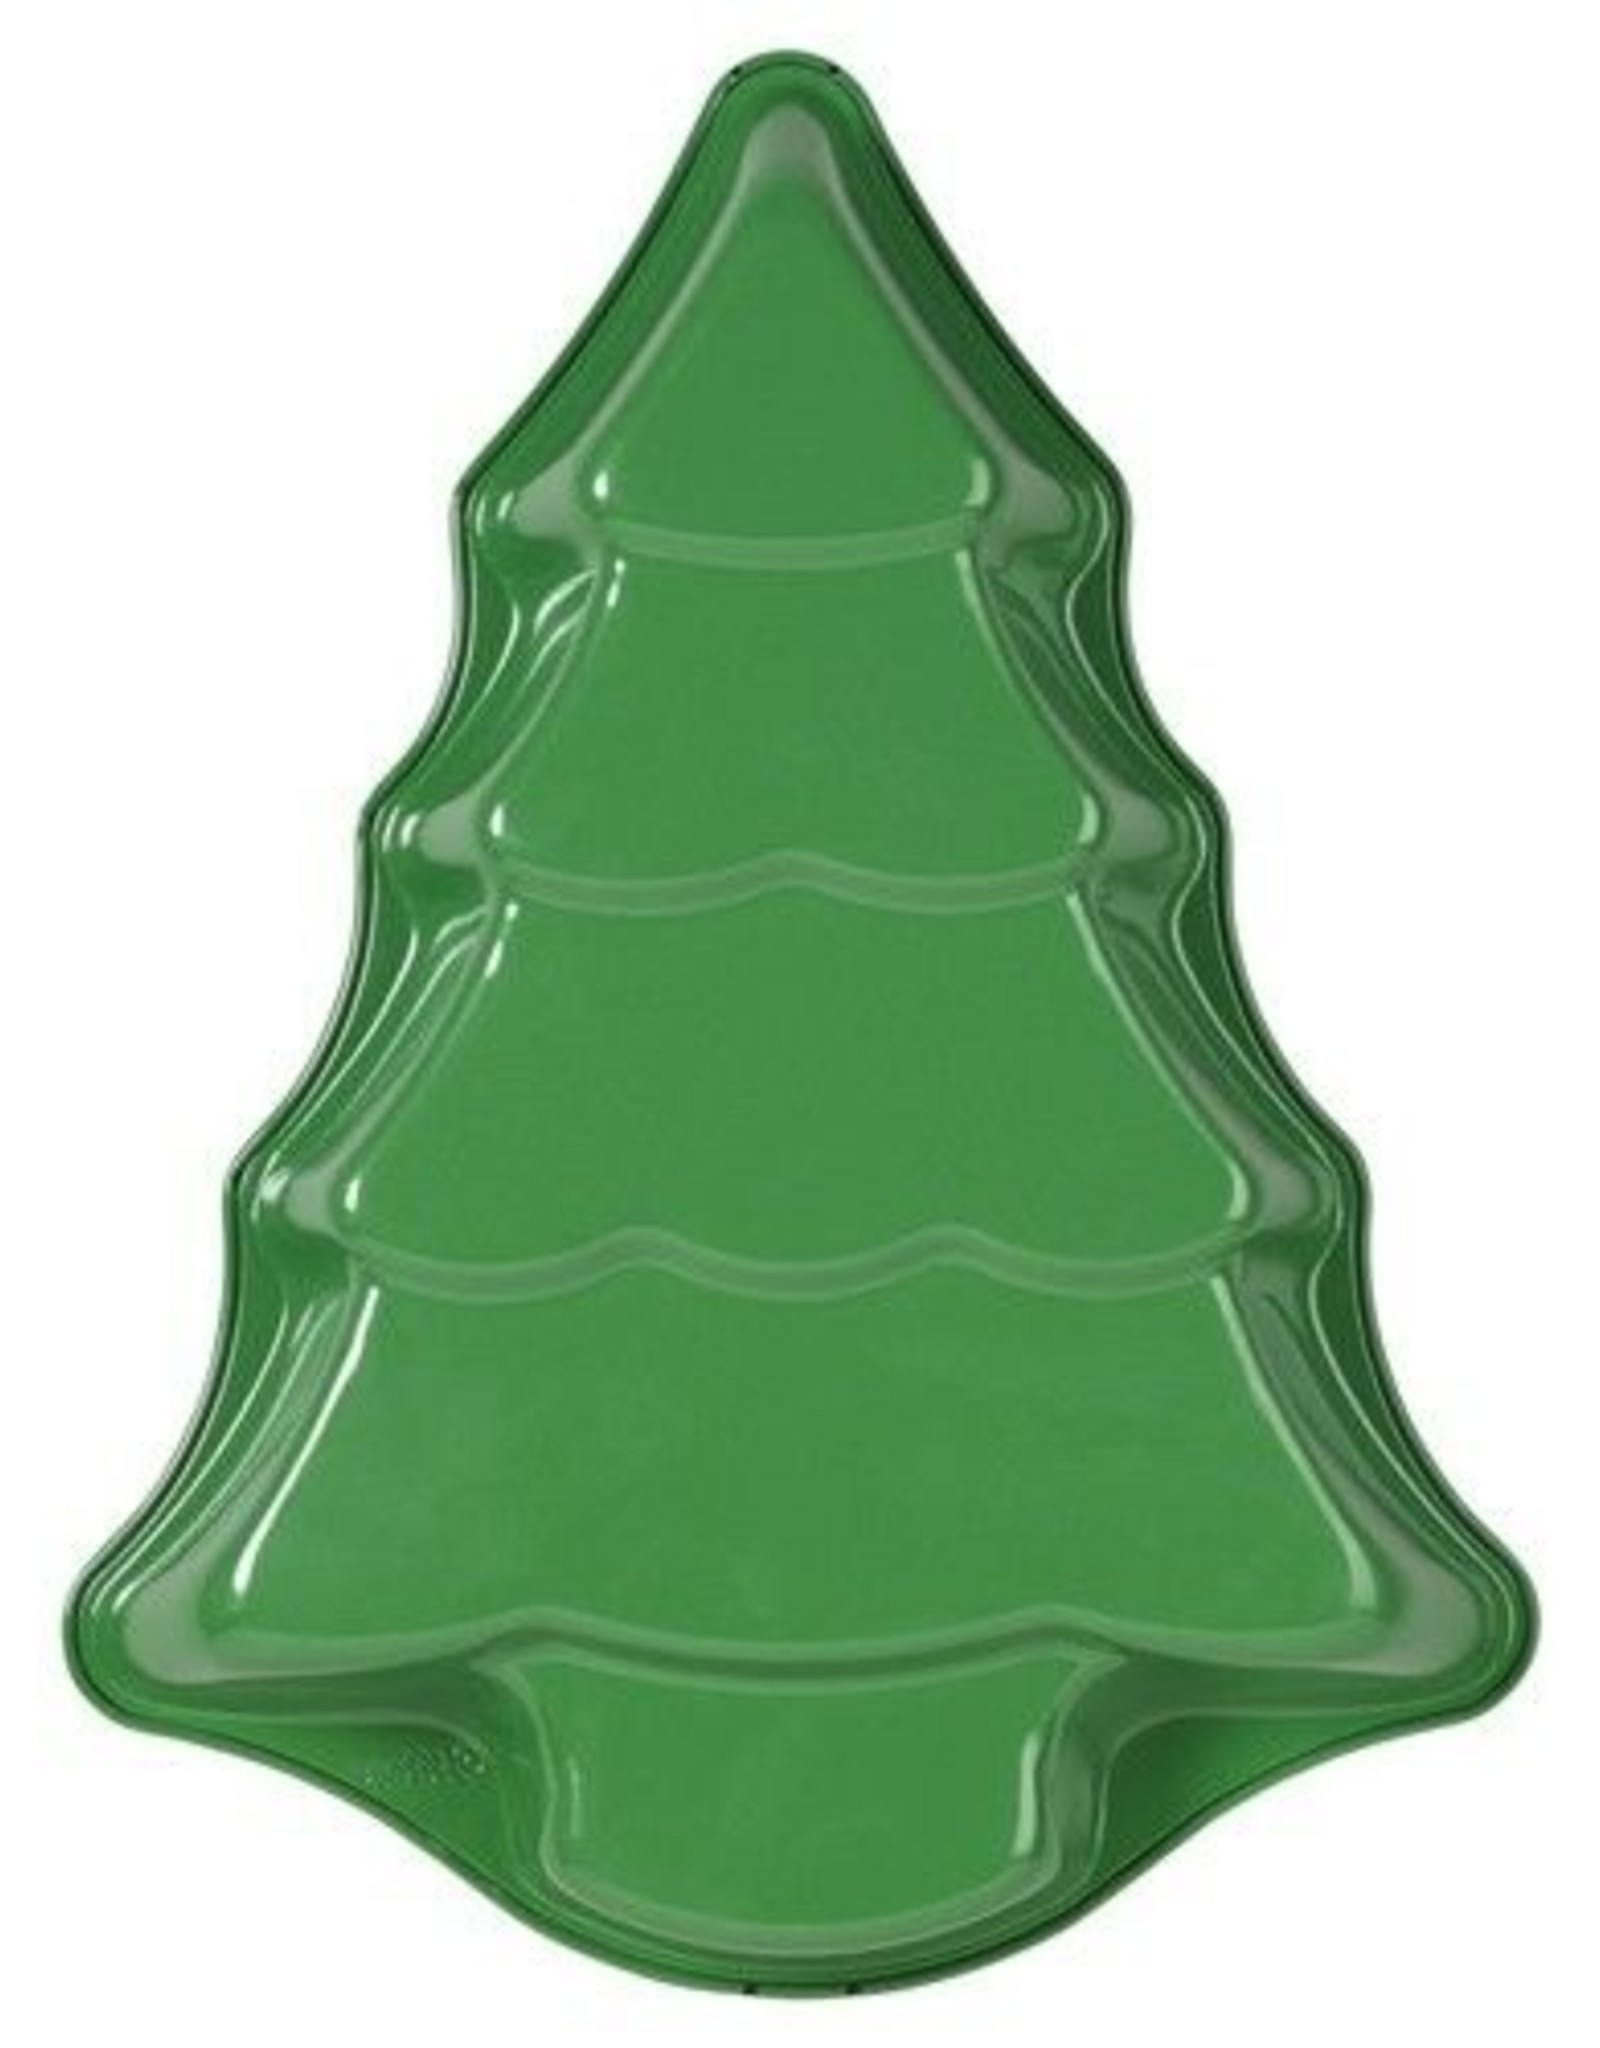 Wilton Cakevorm kerstboom